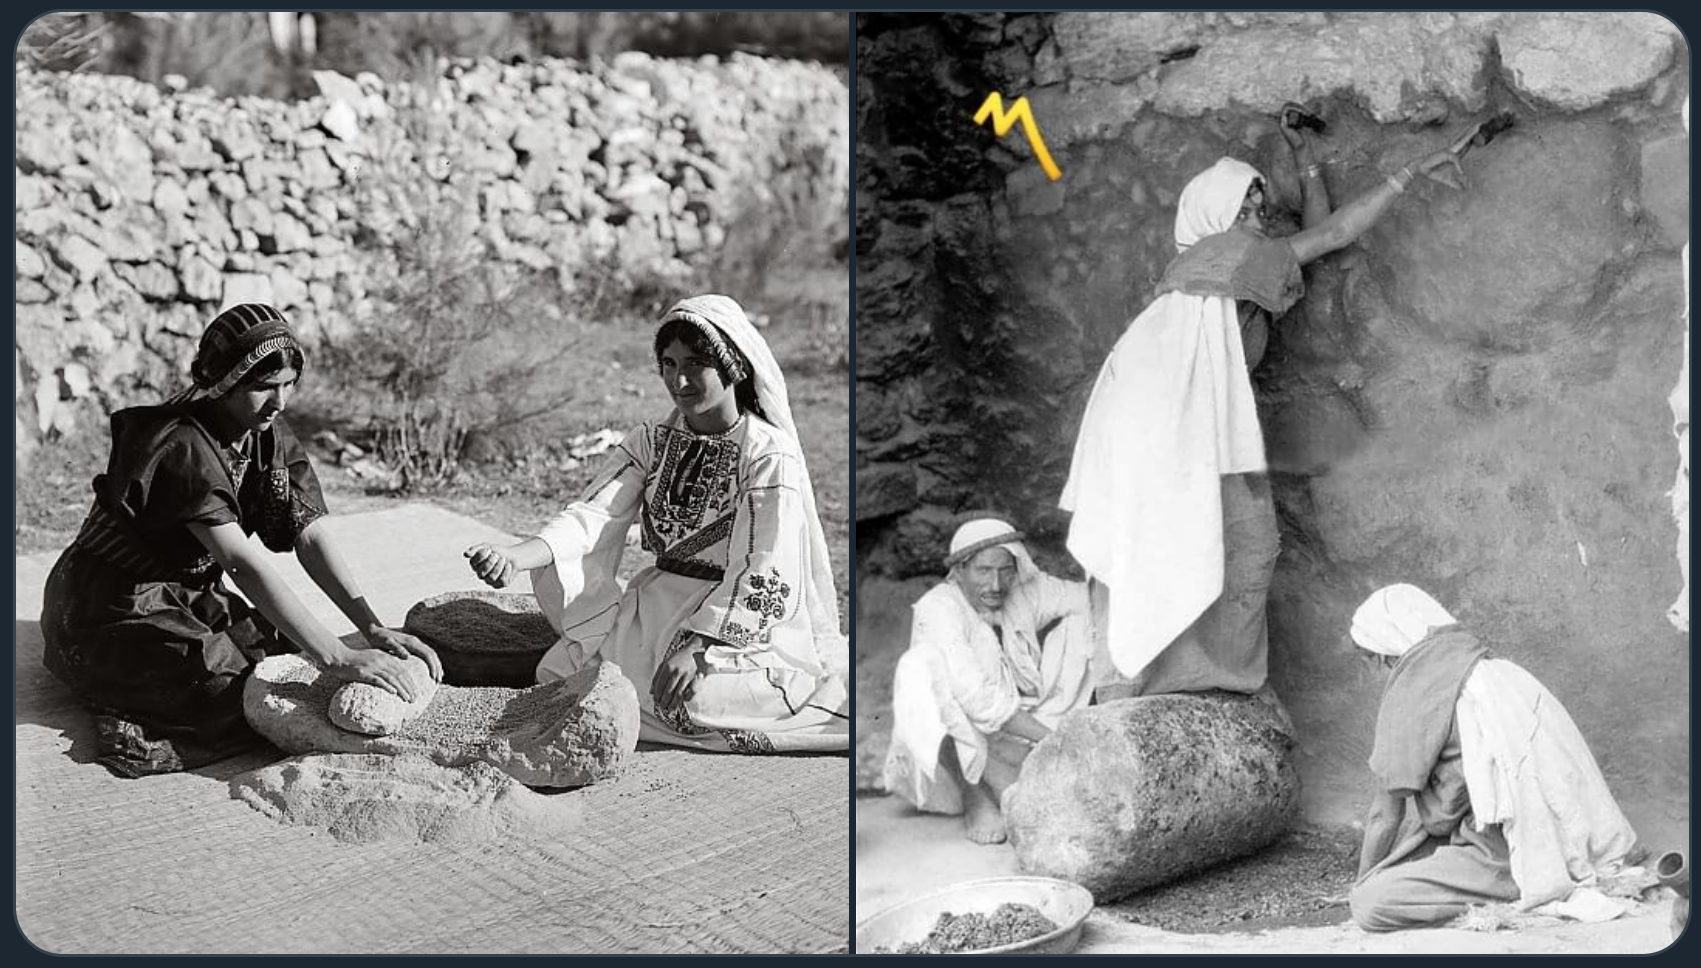 Зернотерка и пресс для масла. Это не реконструкция неолита, а быт палестинцев начала 20 века. Интересно, что мешало им сделать ручную мельницу и винтовой пресс, известные в средиземноморье с античности.